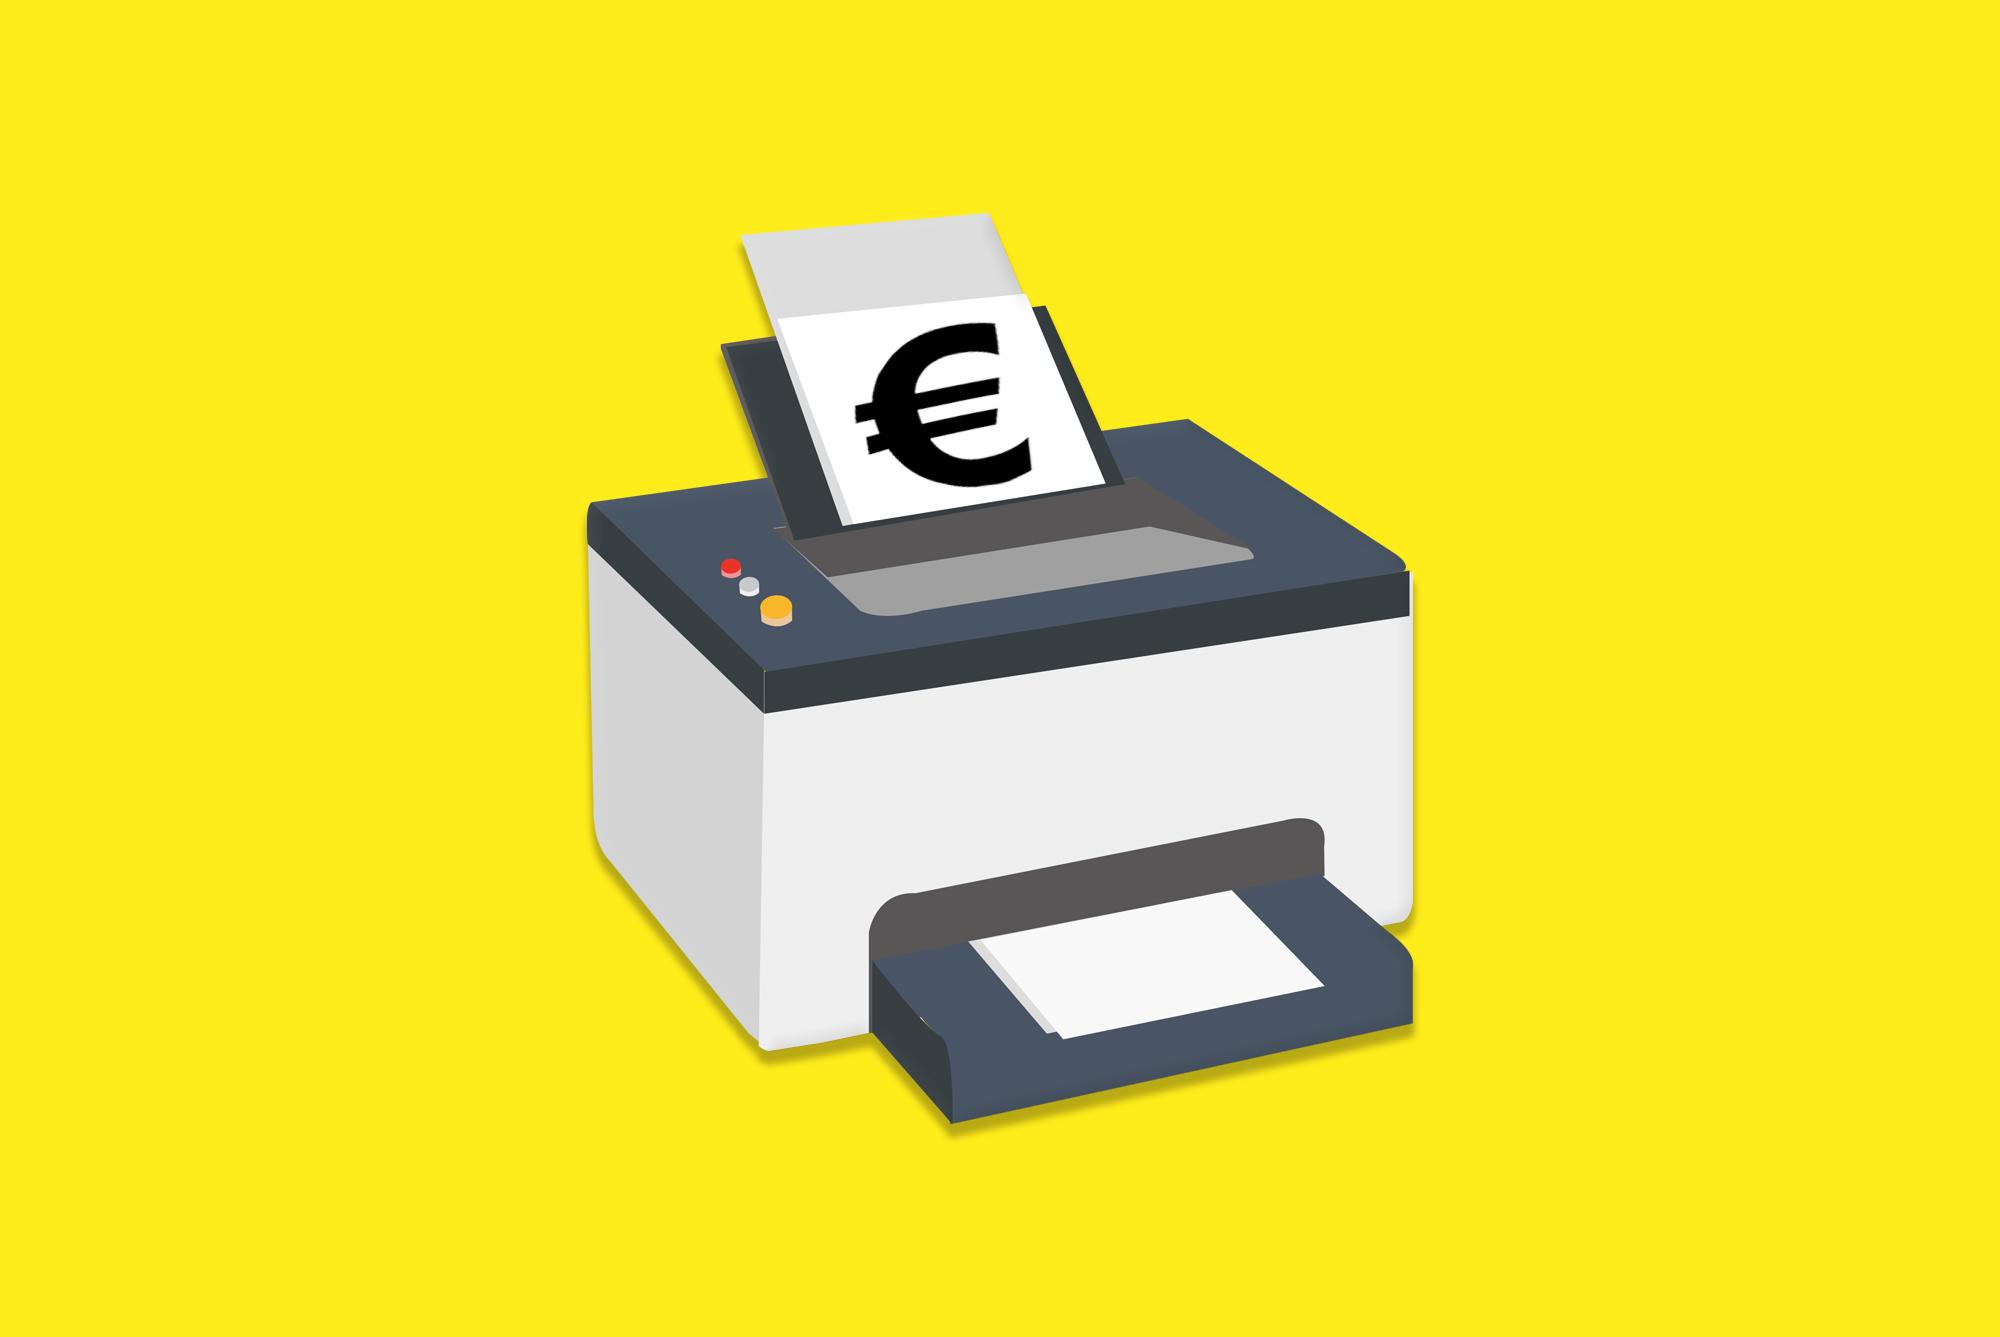 Los propietarios de algunas impresoras HP tienen derecho a una indemenización